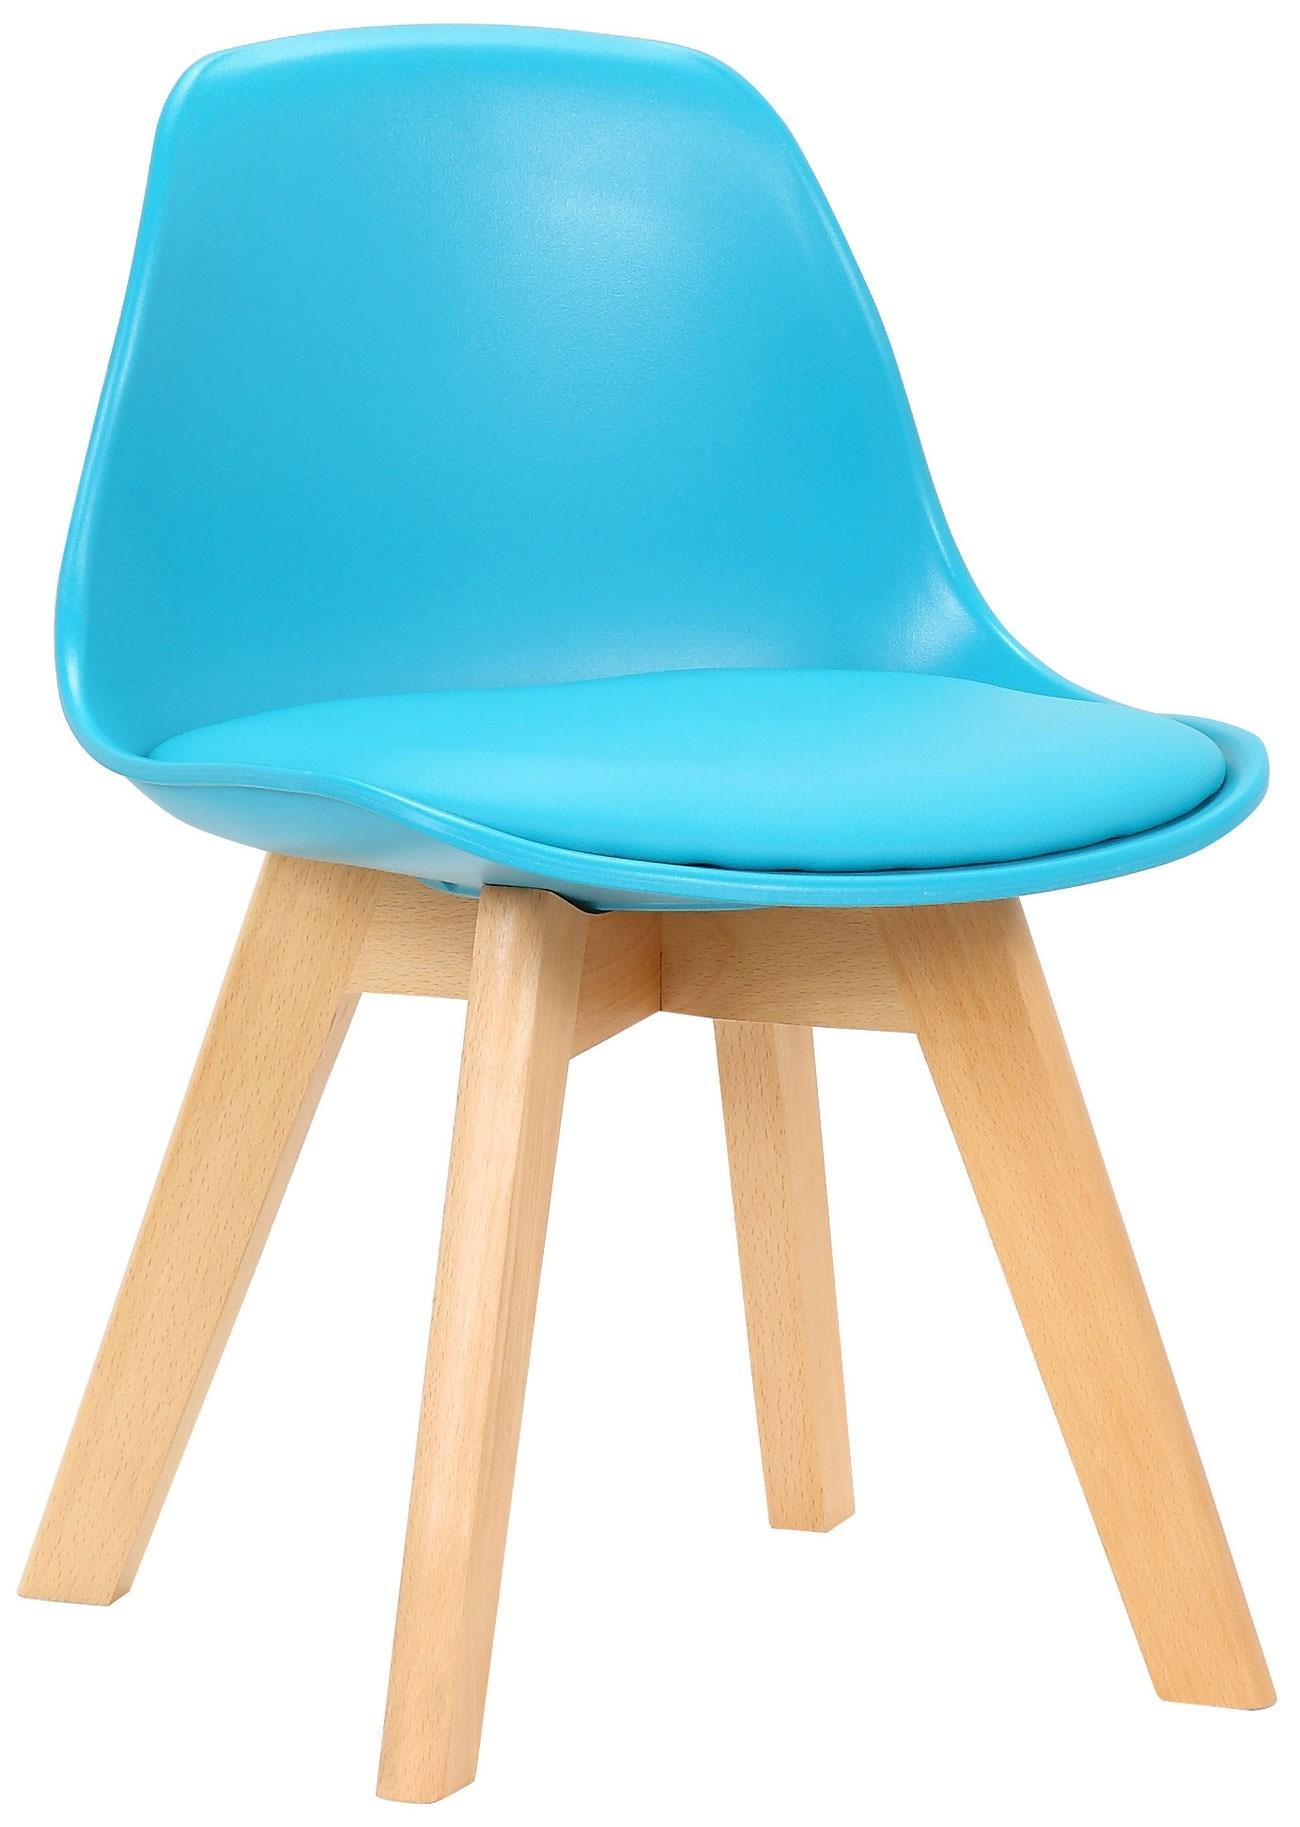 Chaise pour enfants Lindi